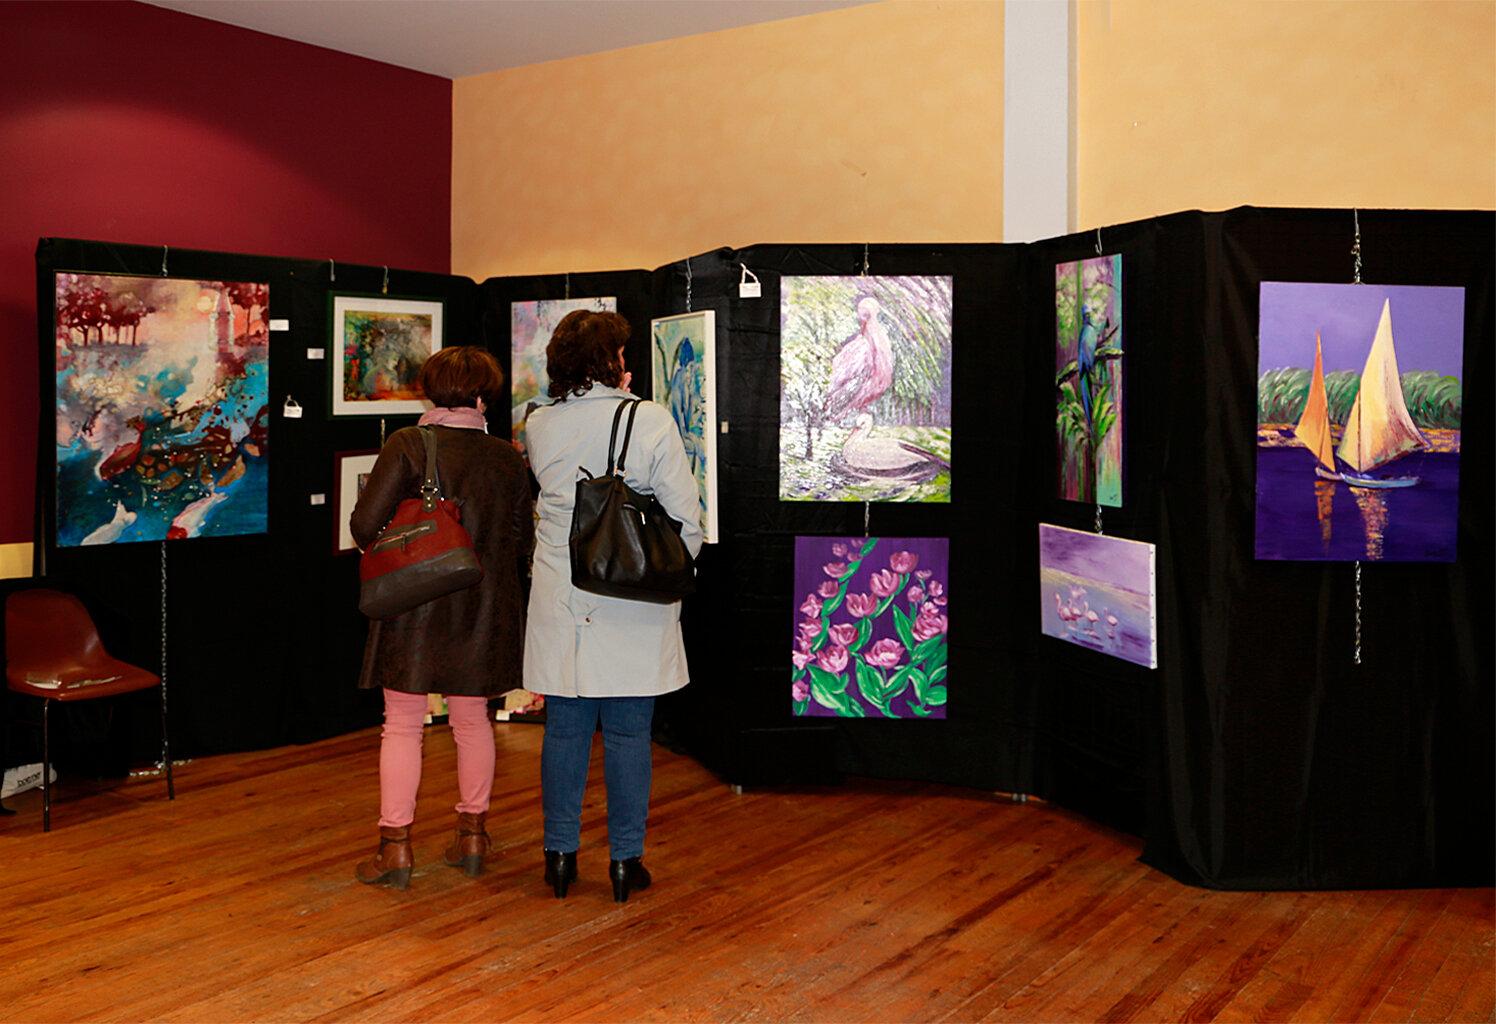 Salon des arts 25-26 janvier 2020 - GG1 (15)